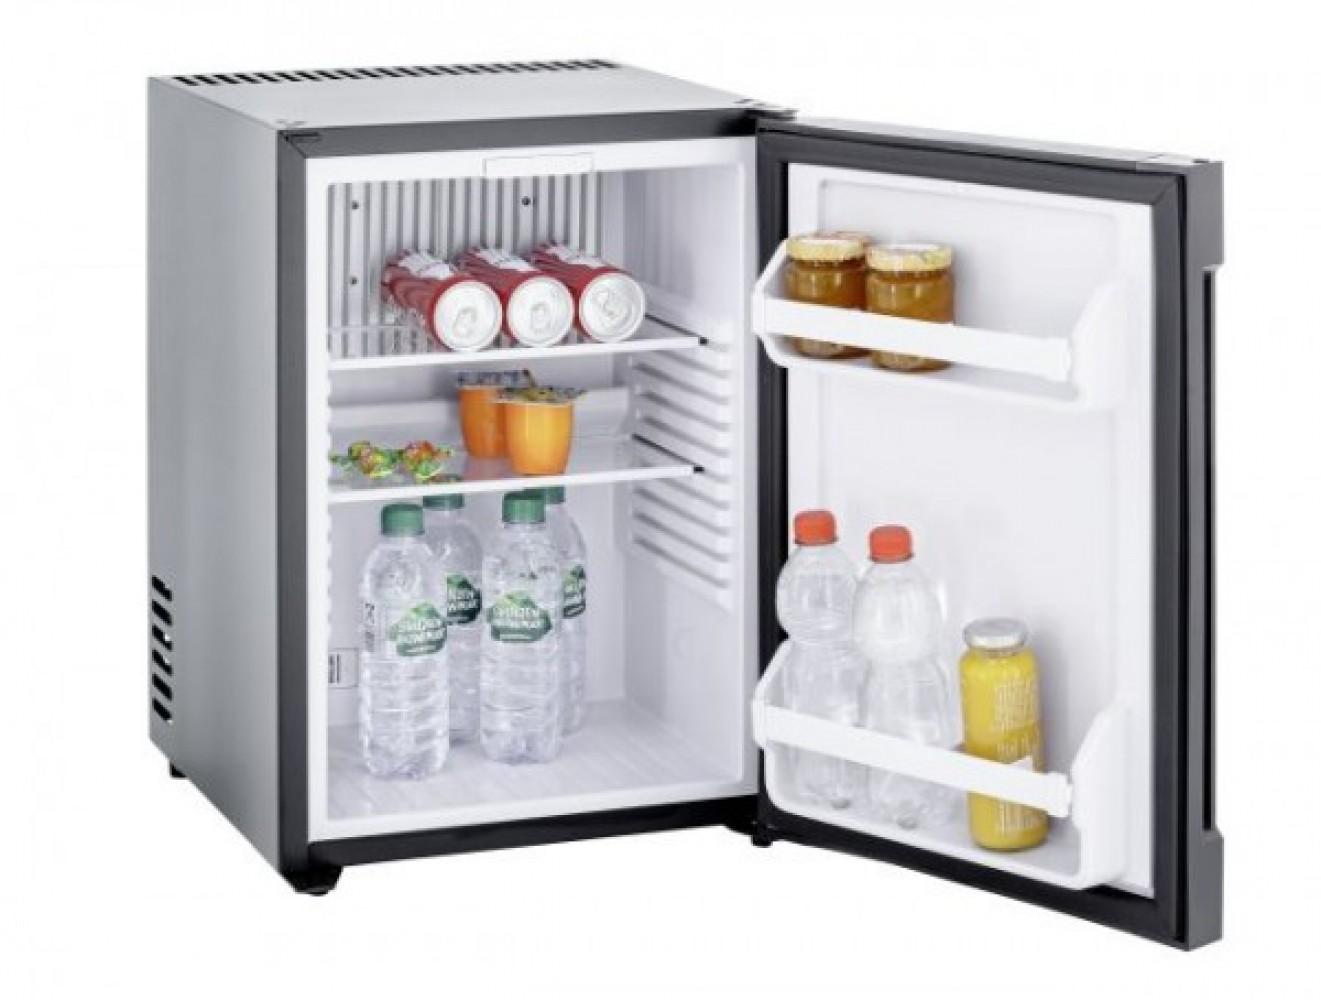 Mini réfrigérateur - avec refroidissement par absorbeur